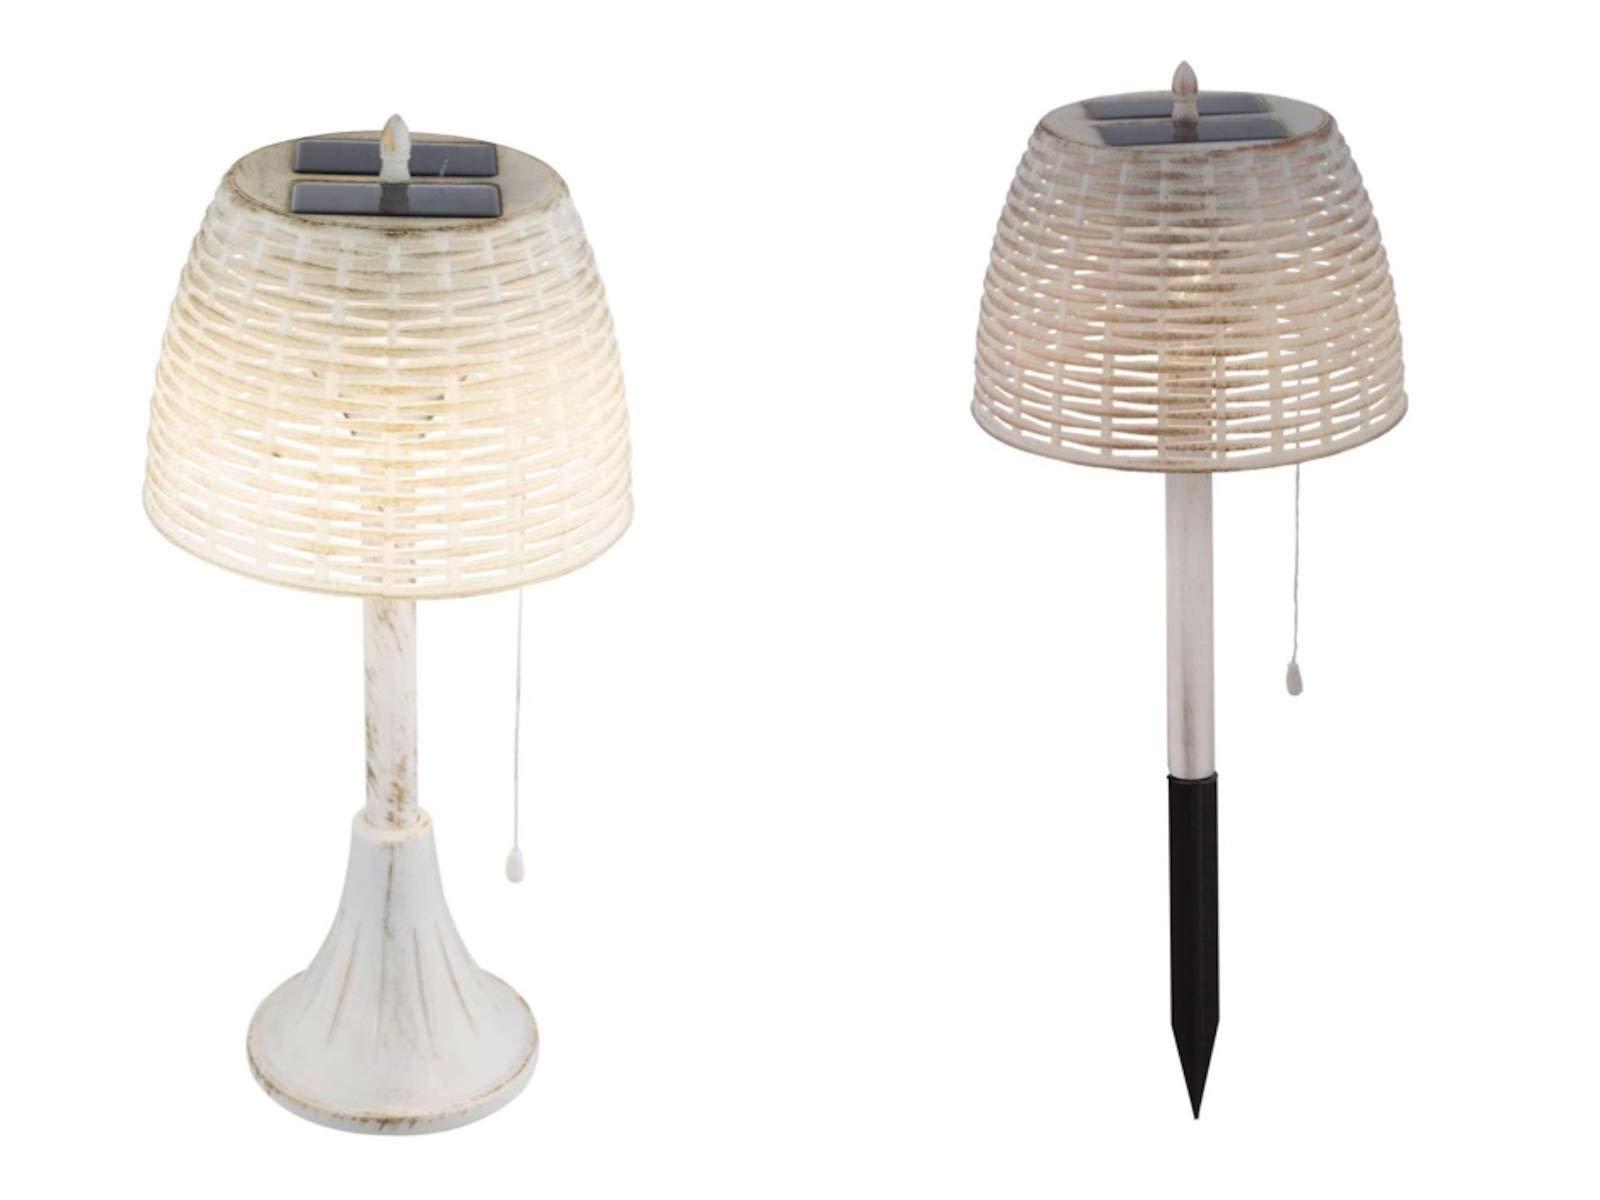 Lámpara solar para jardín, decoración de jardín, lámpara de mesa solar para jardín (estaca, lámpara decorativa, LED, altura 60 cm, lámpara de mesa): Amazon.es: Iluminación